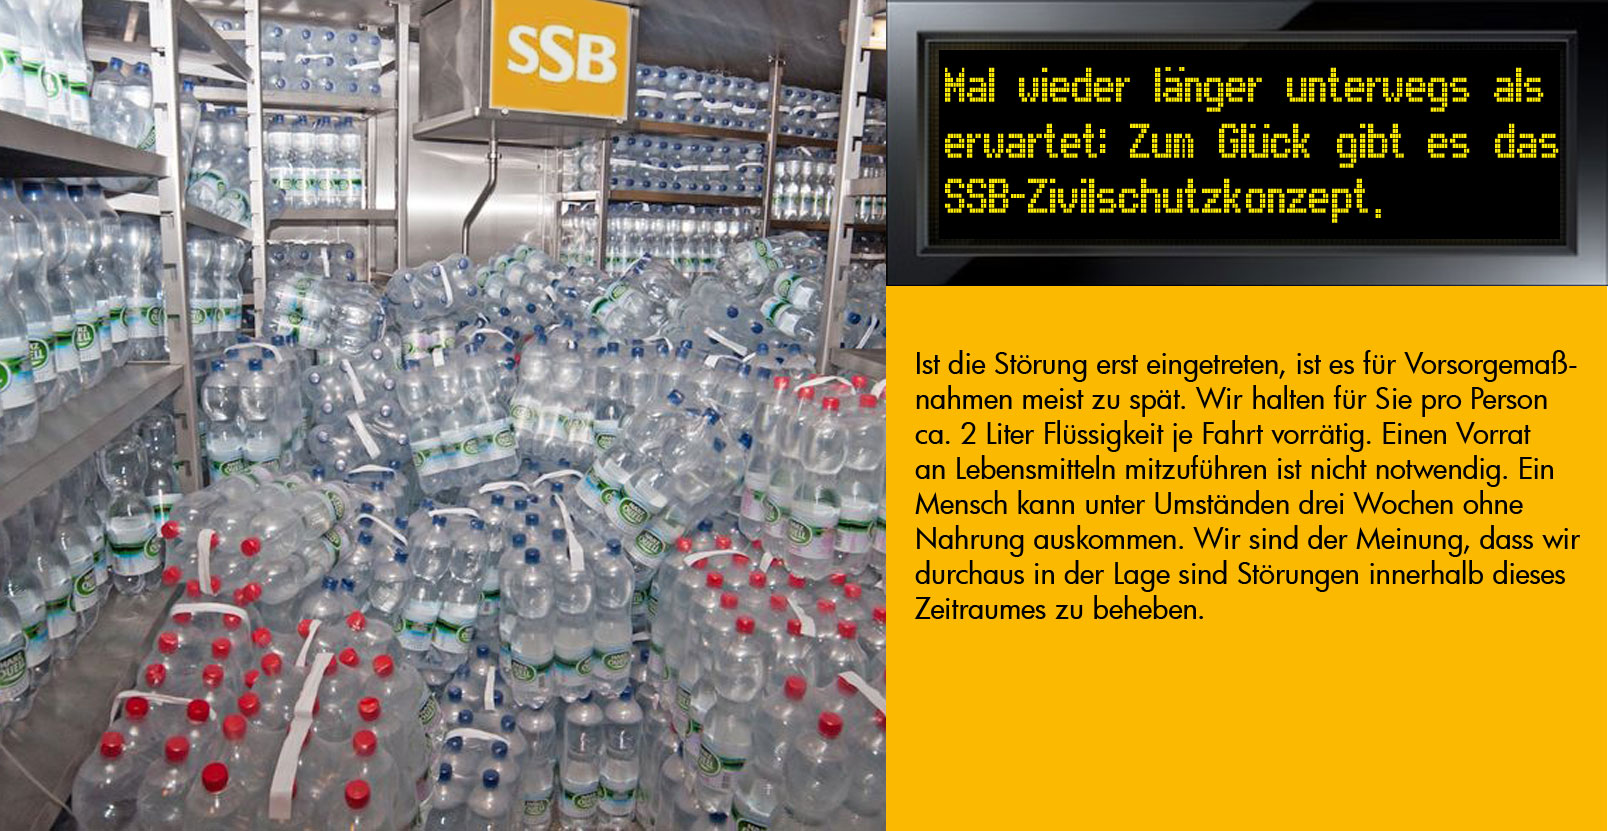 http://www.parkschuetzer.de/assets/statements_neu/000/192/153/original/SSB-Zivil.jpg?1472124186